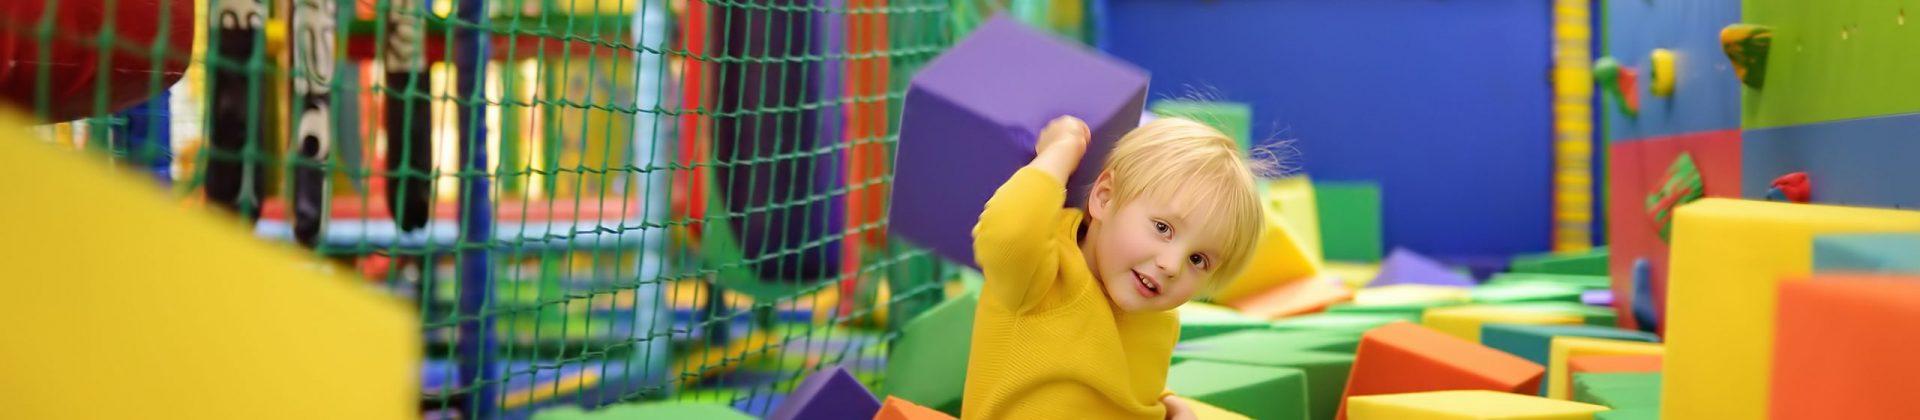 Sala de prensa | Potencializa tu negocio con una estructura infantil